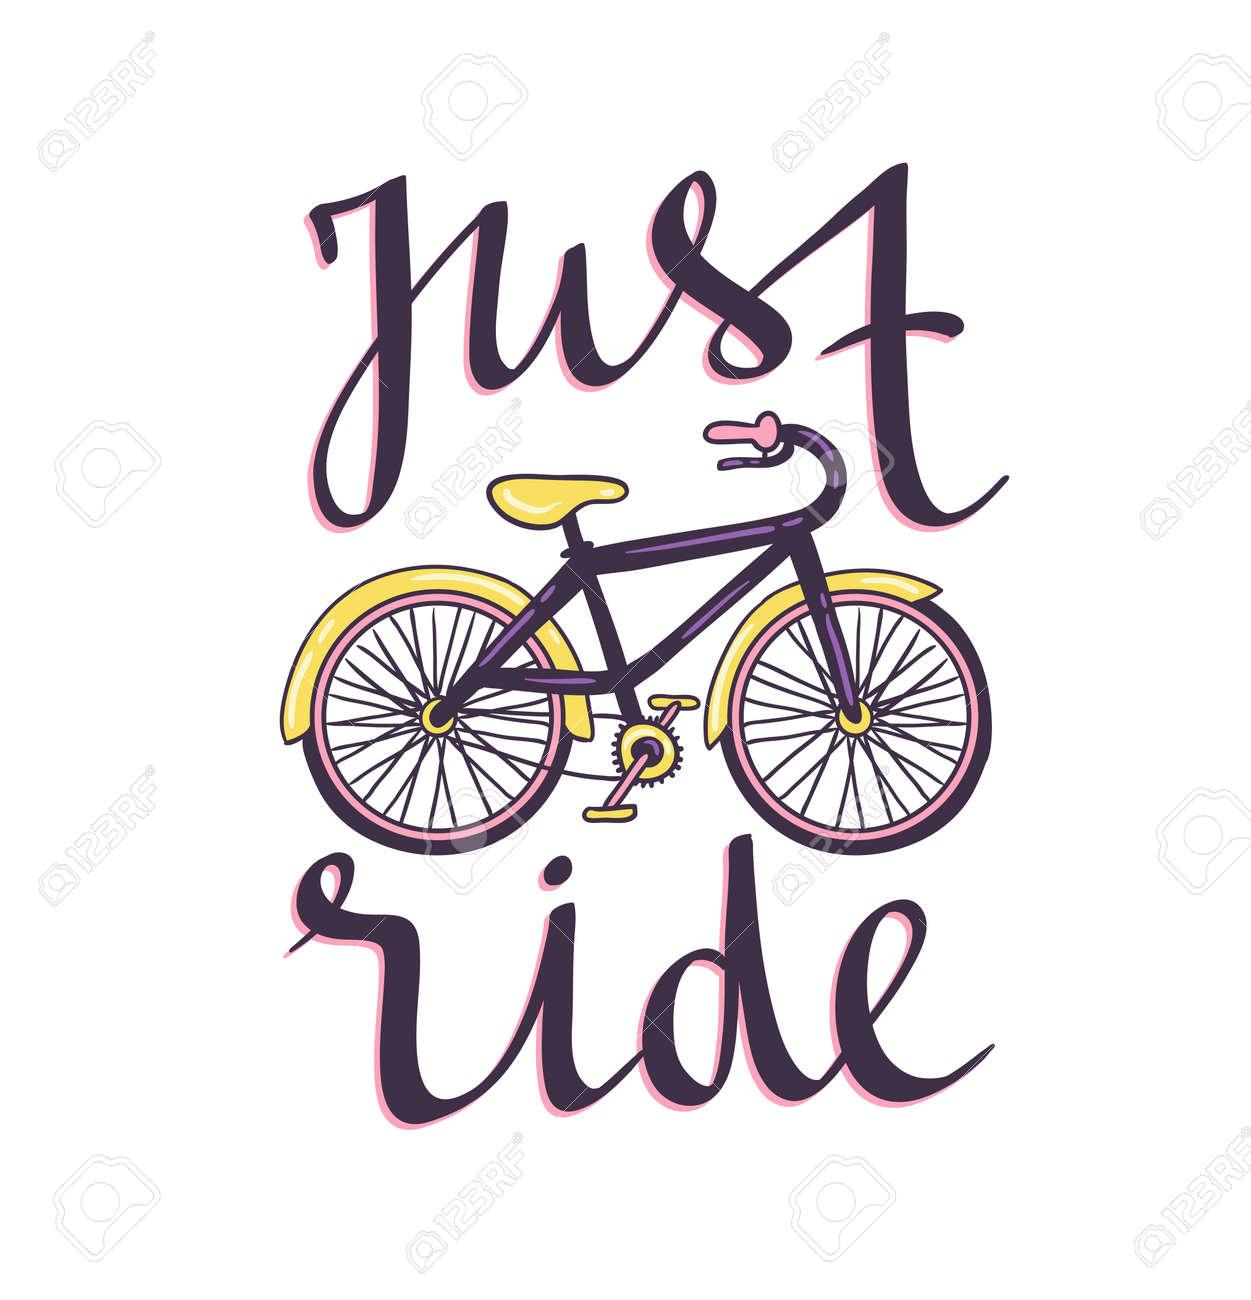 Vector Dibujado A Mano Ilustración Con Bicicleta Y Frase Elegante Solo Andar Diseño De Ciclismo Para Estampado De Camisetas Póster Motivacional